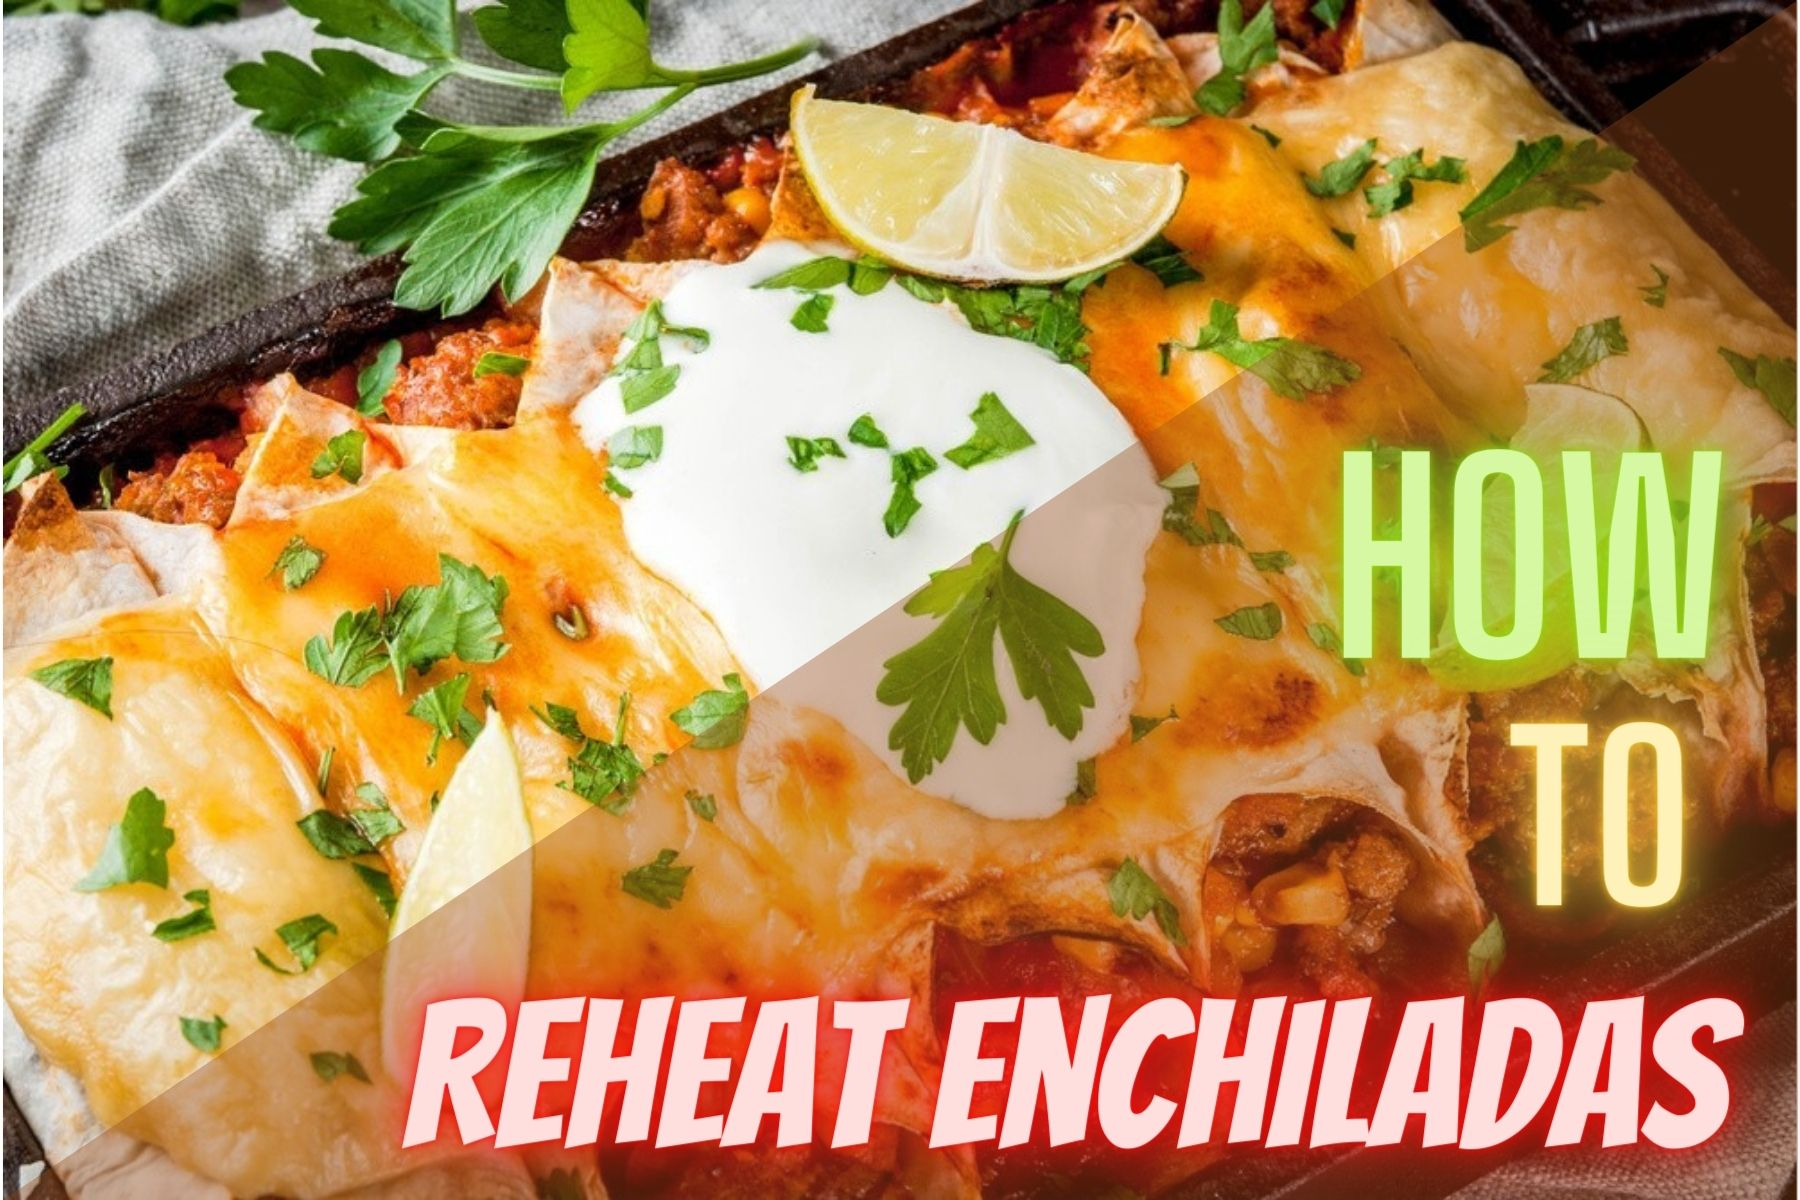 How To Reheat Enchiladas